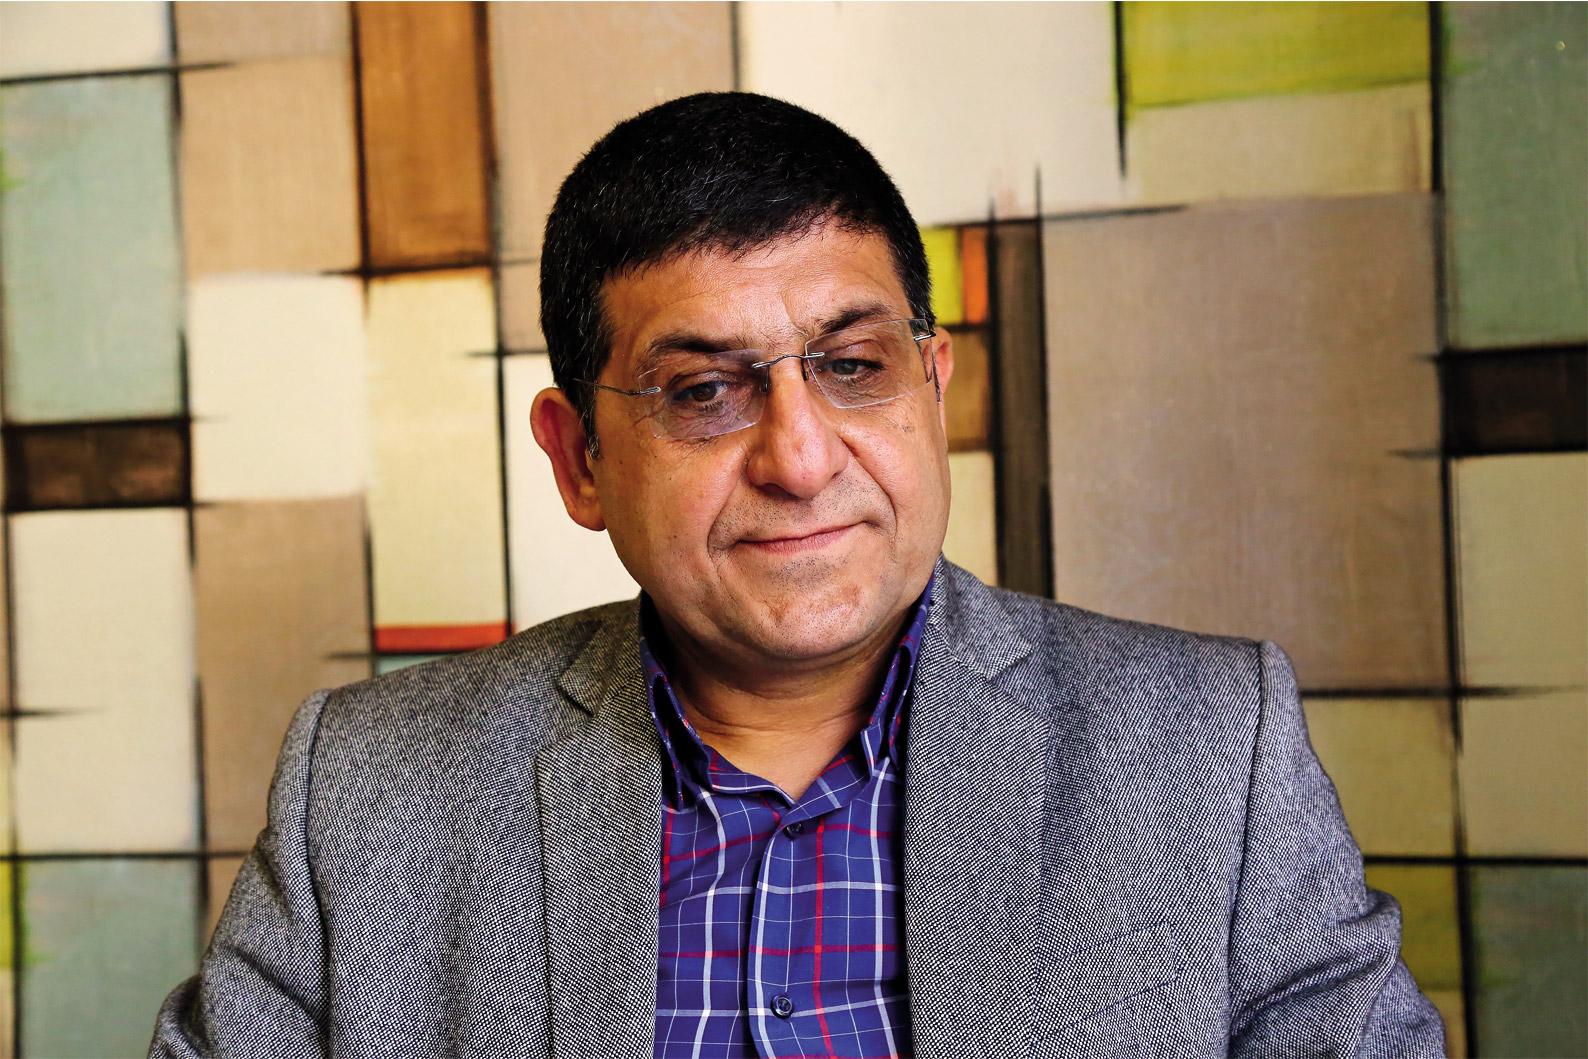 Surp Giragos Ermeni Vakfı Yönetim Kurulu Üyesi Gafur Türkay: Sur'un ruhuna 'el-fatiha' çoktan okunmuş